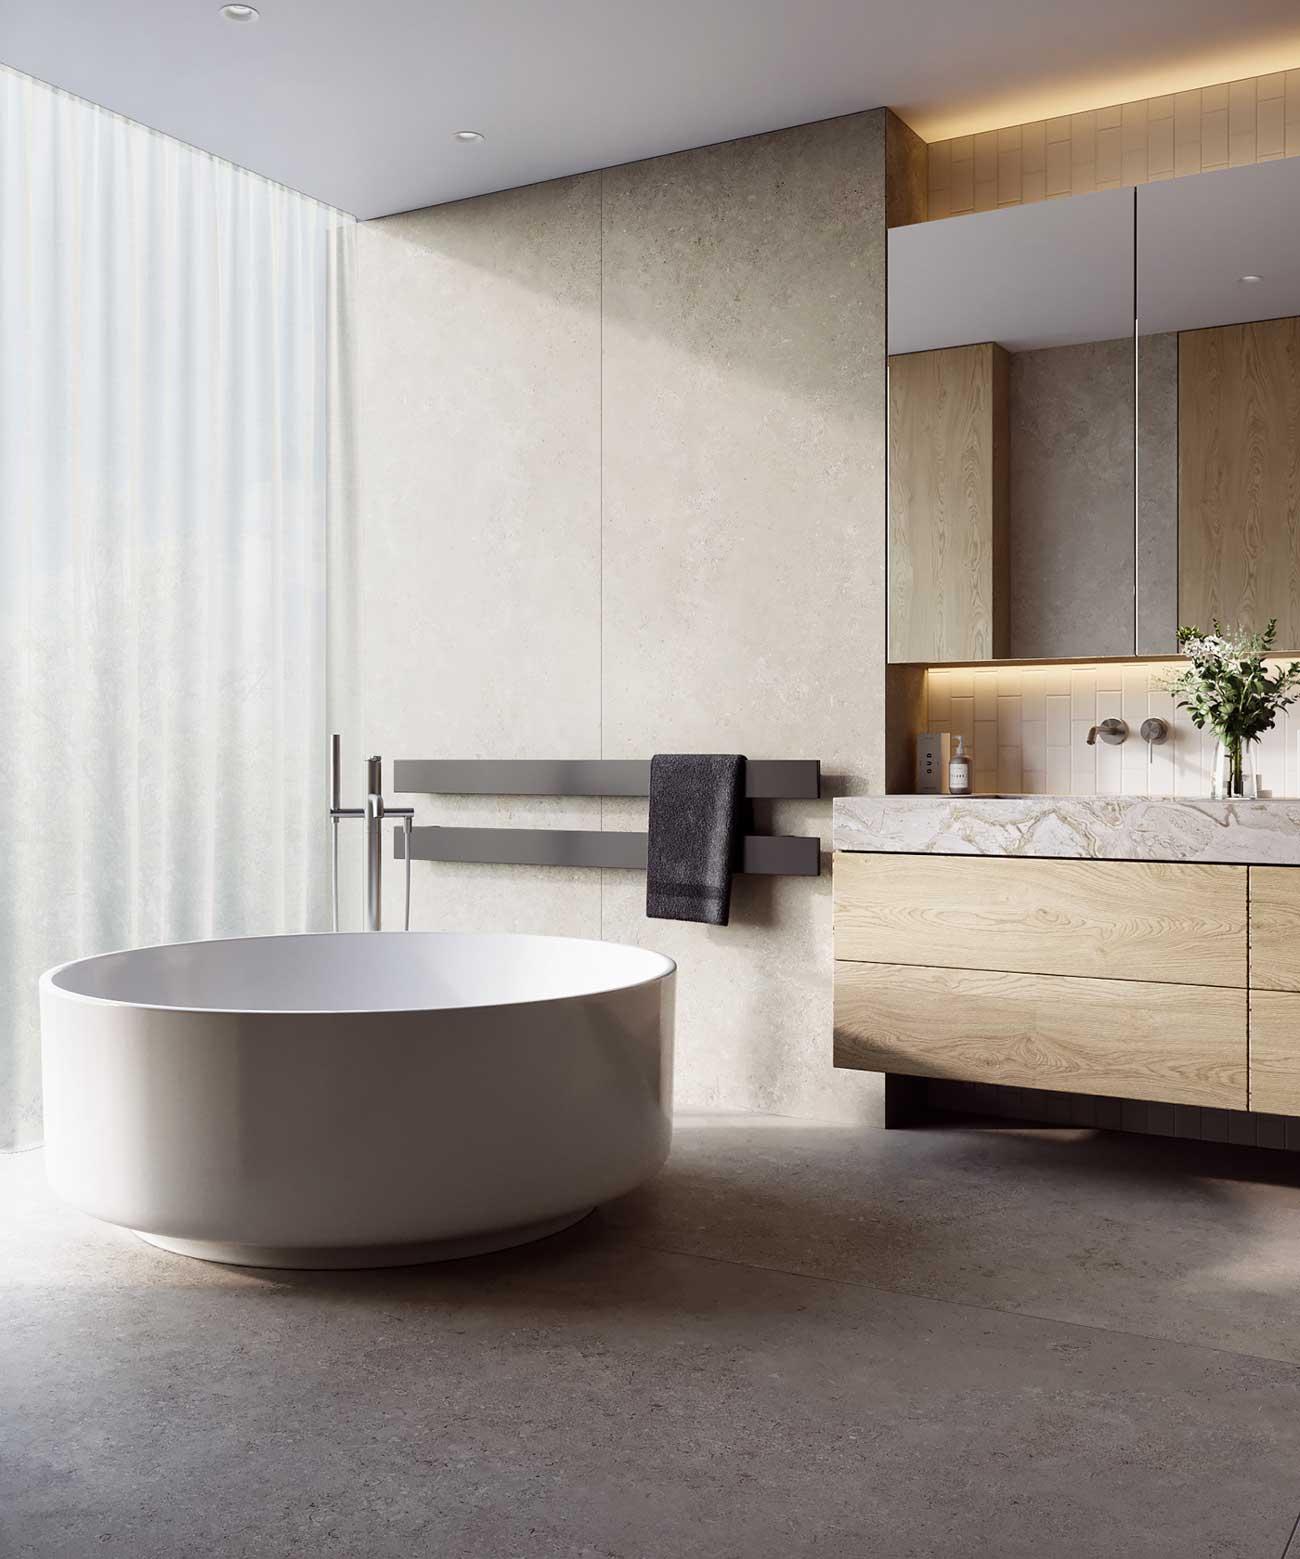 Une salle de bain avec une baignoire ronde , des murs clairs et des meubles en bois blond